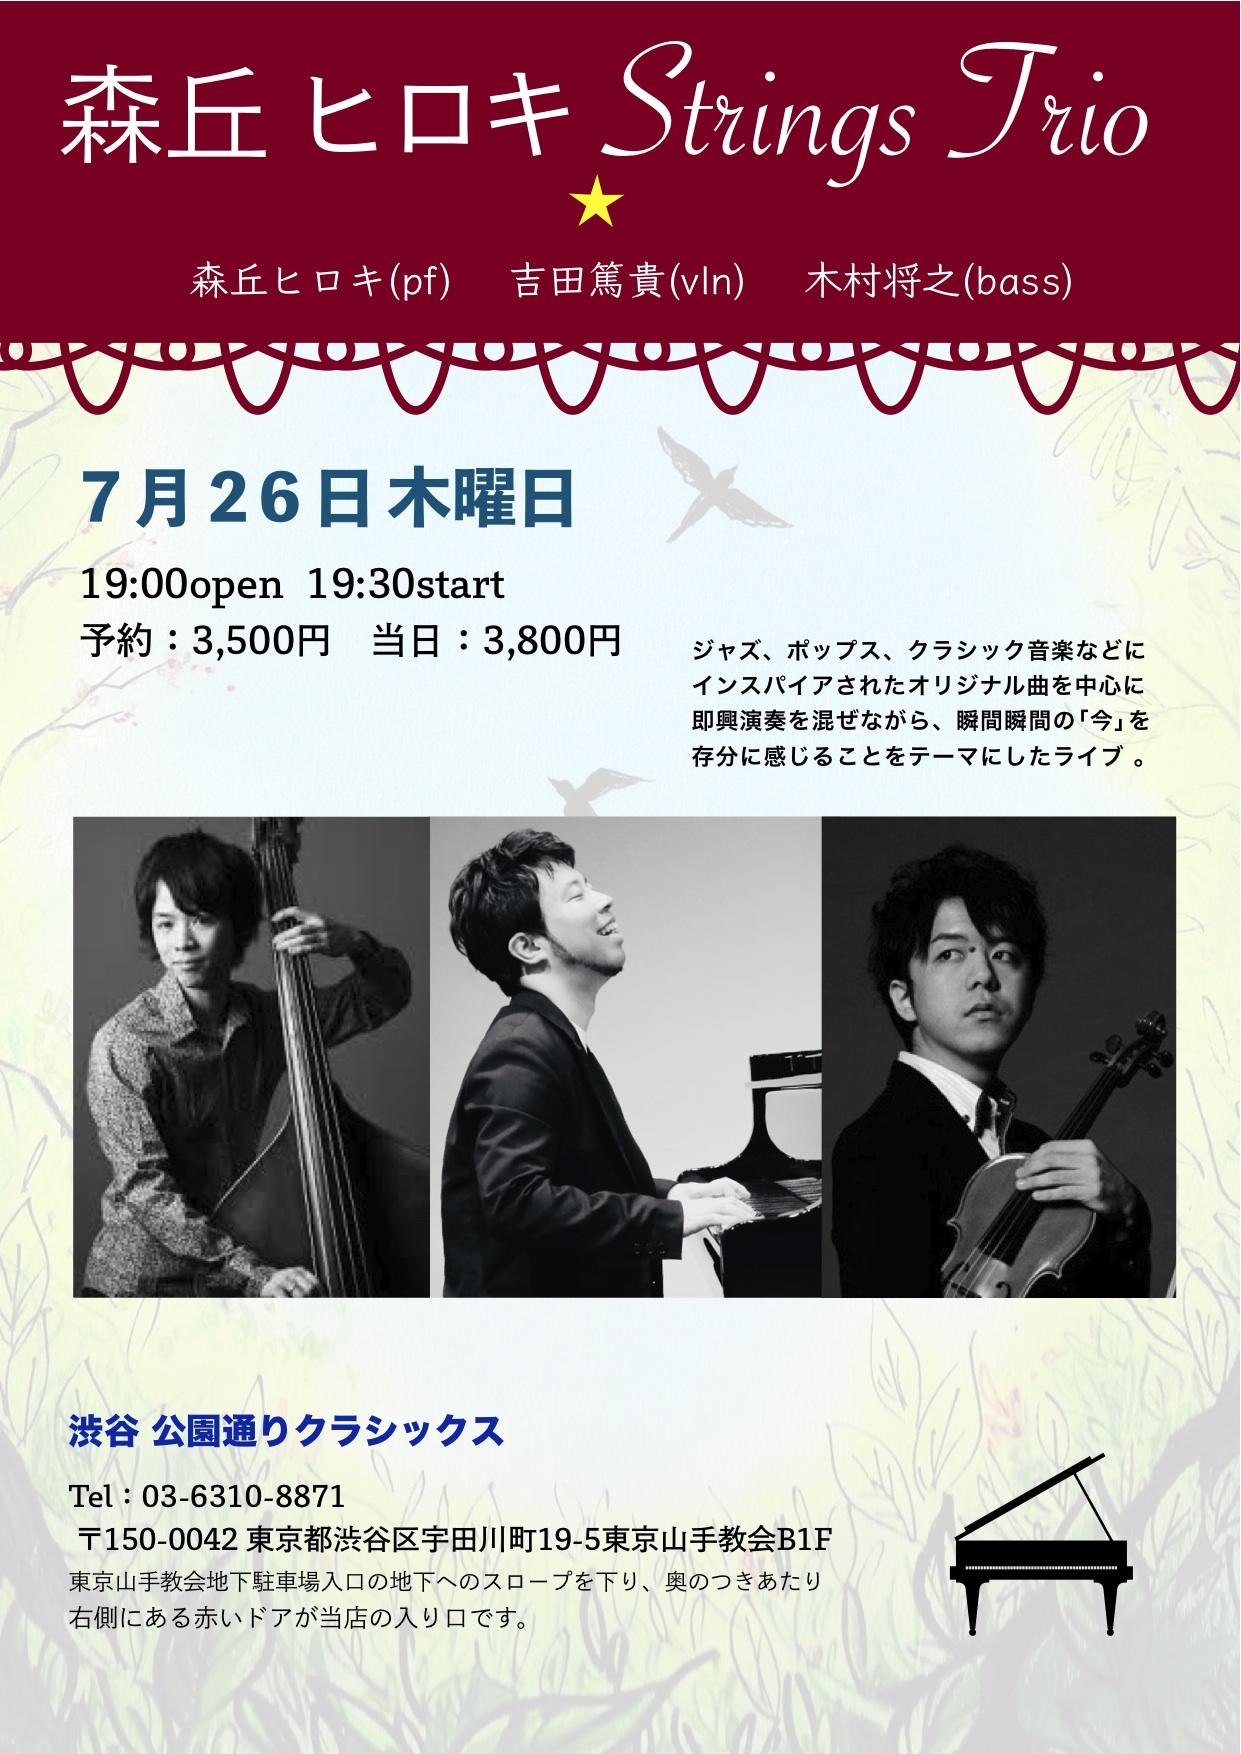 森丘ヒロキ Strings trio